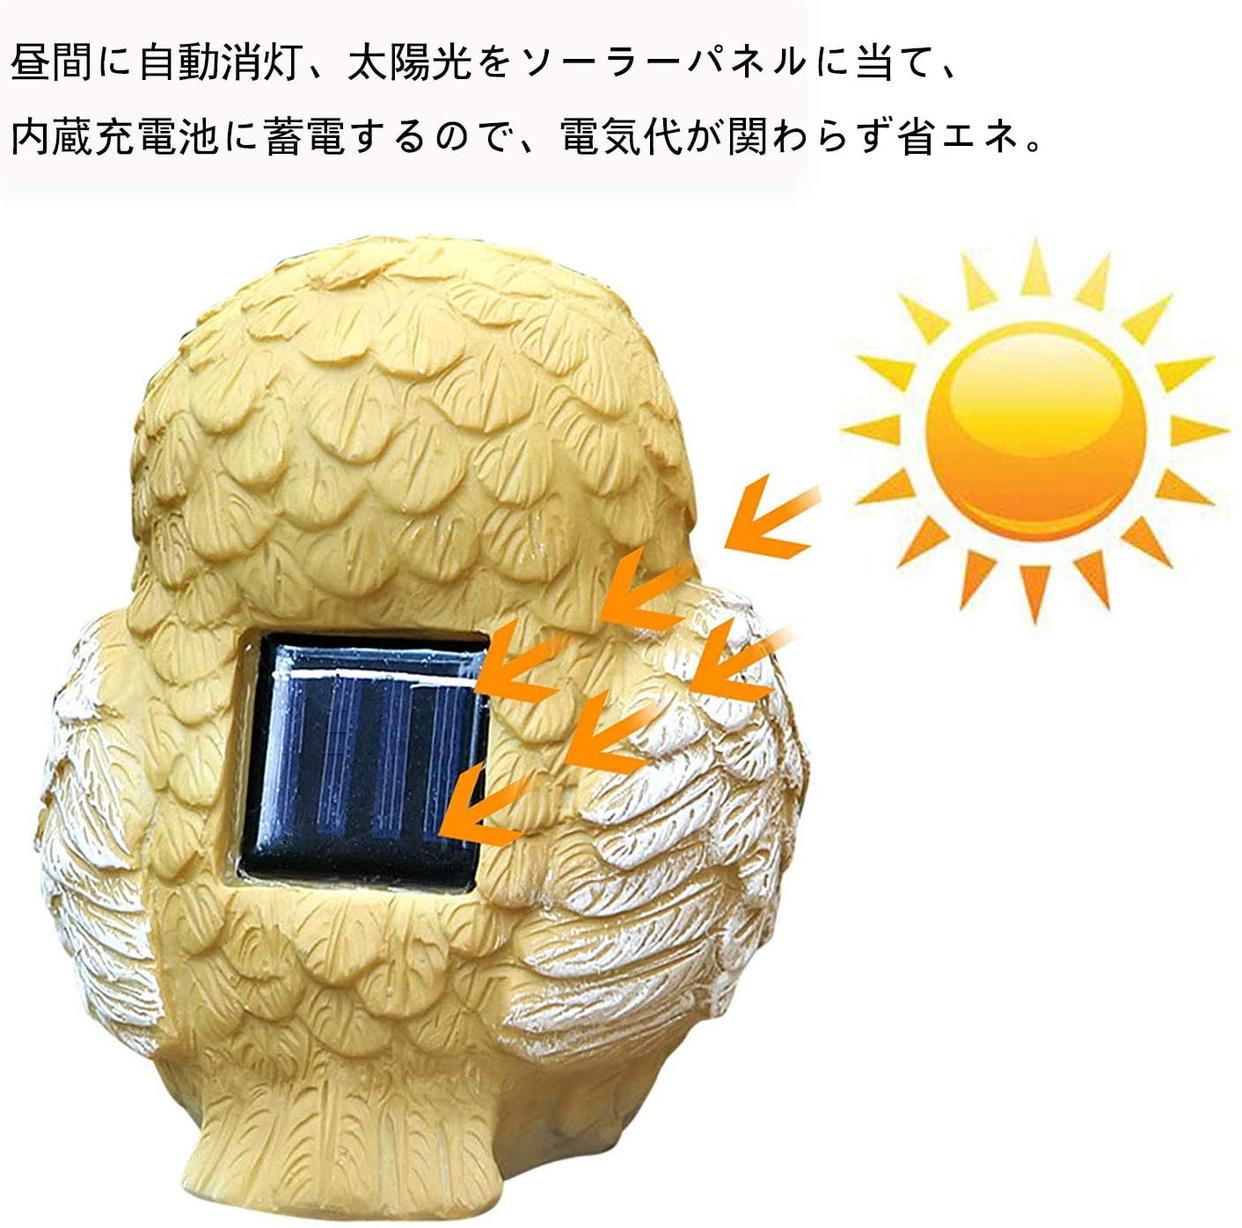 Langxu-Solar Light(ラングスソーラーライト) フクロウ ガーデンライトの商品画像2